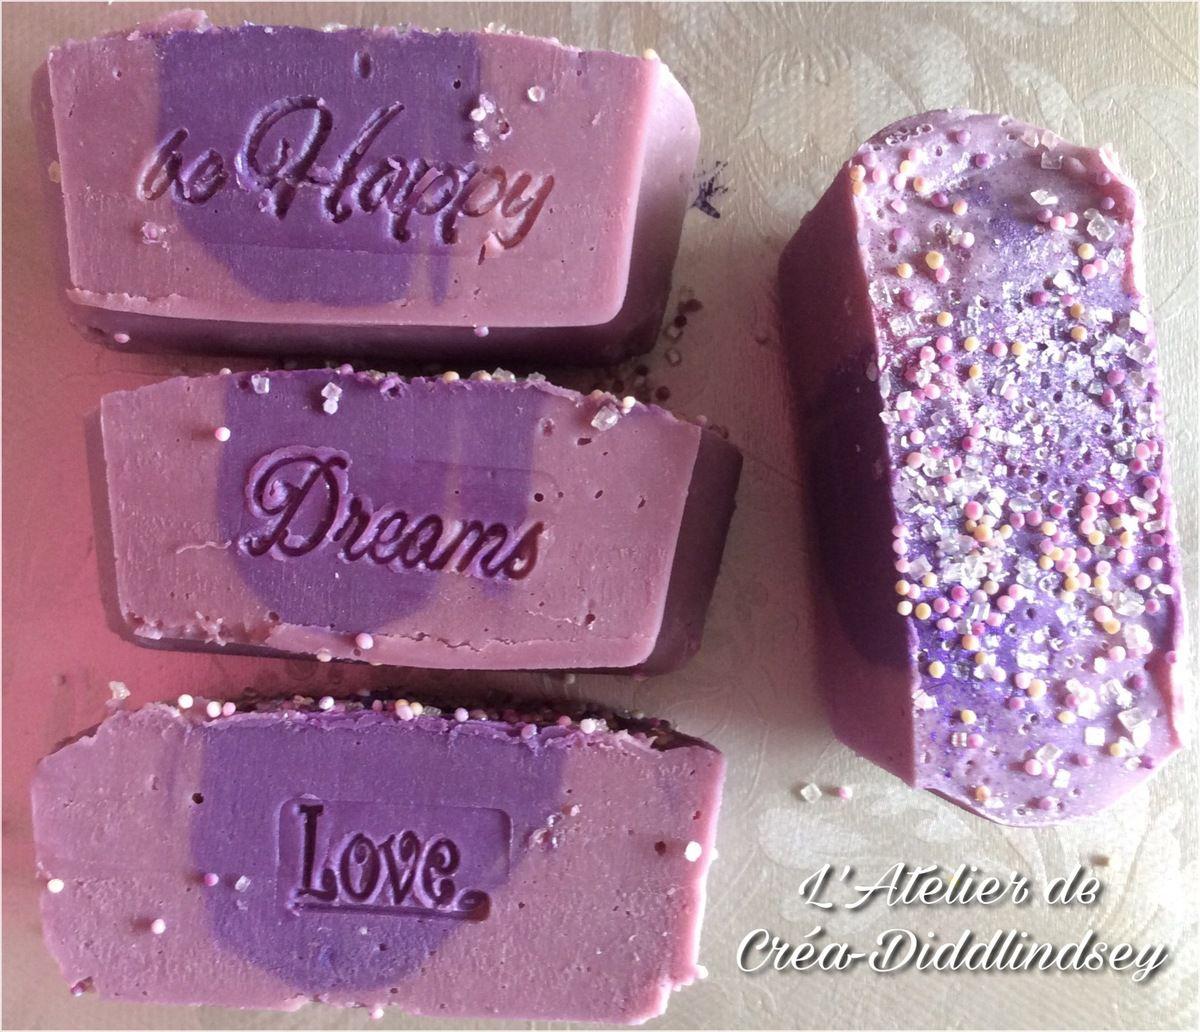 Mon savon saf au lait de chèvres frais fragrance coeur de violette de la sphere paradise